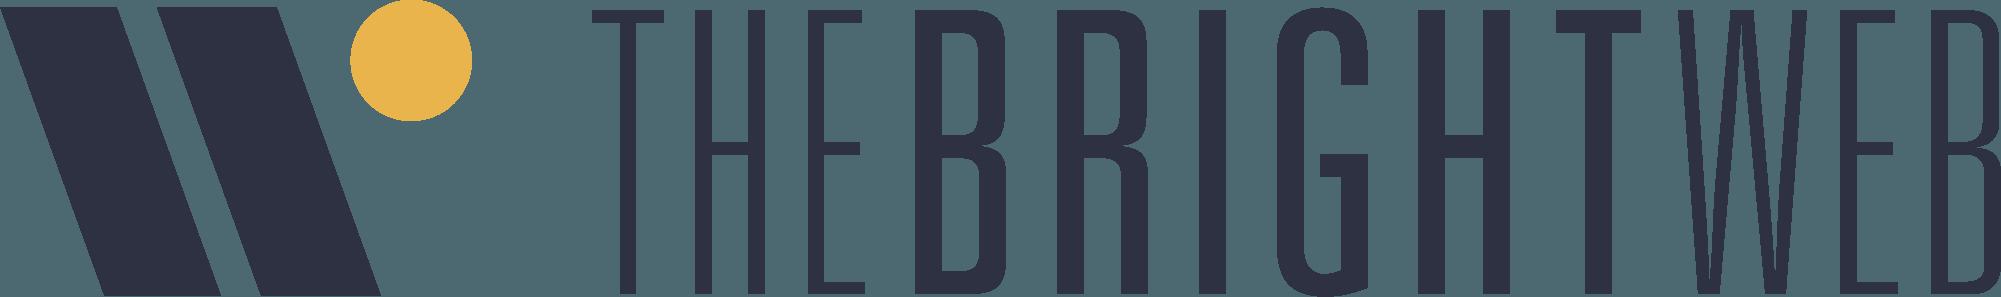 The Bright Web Logo